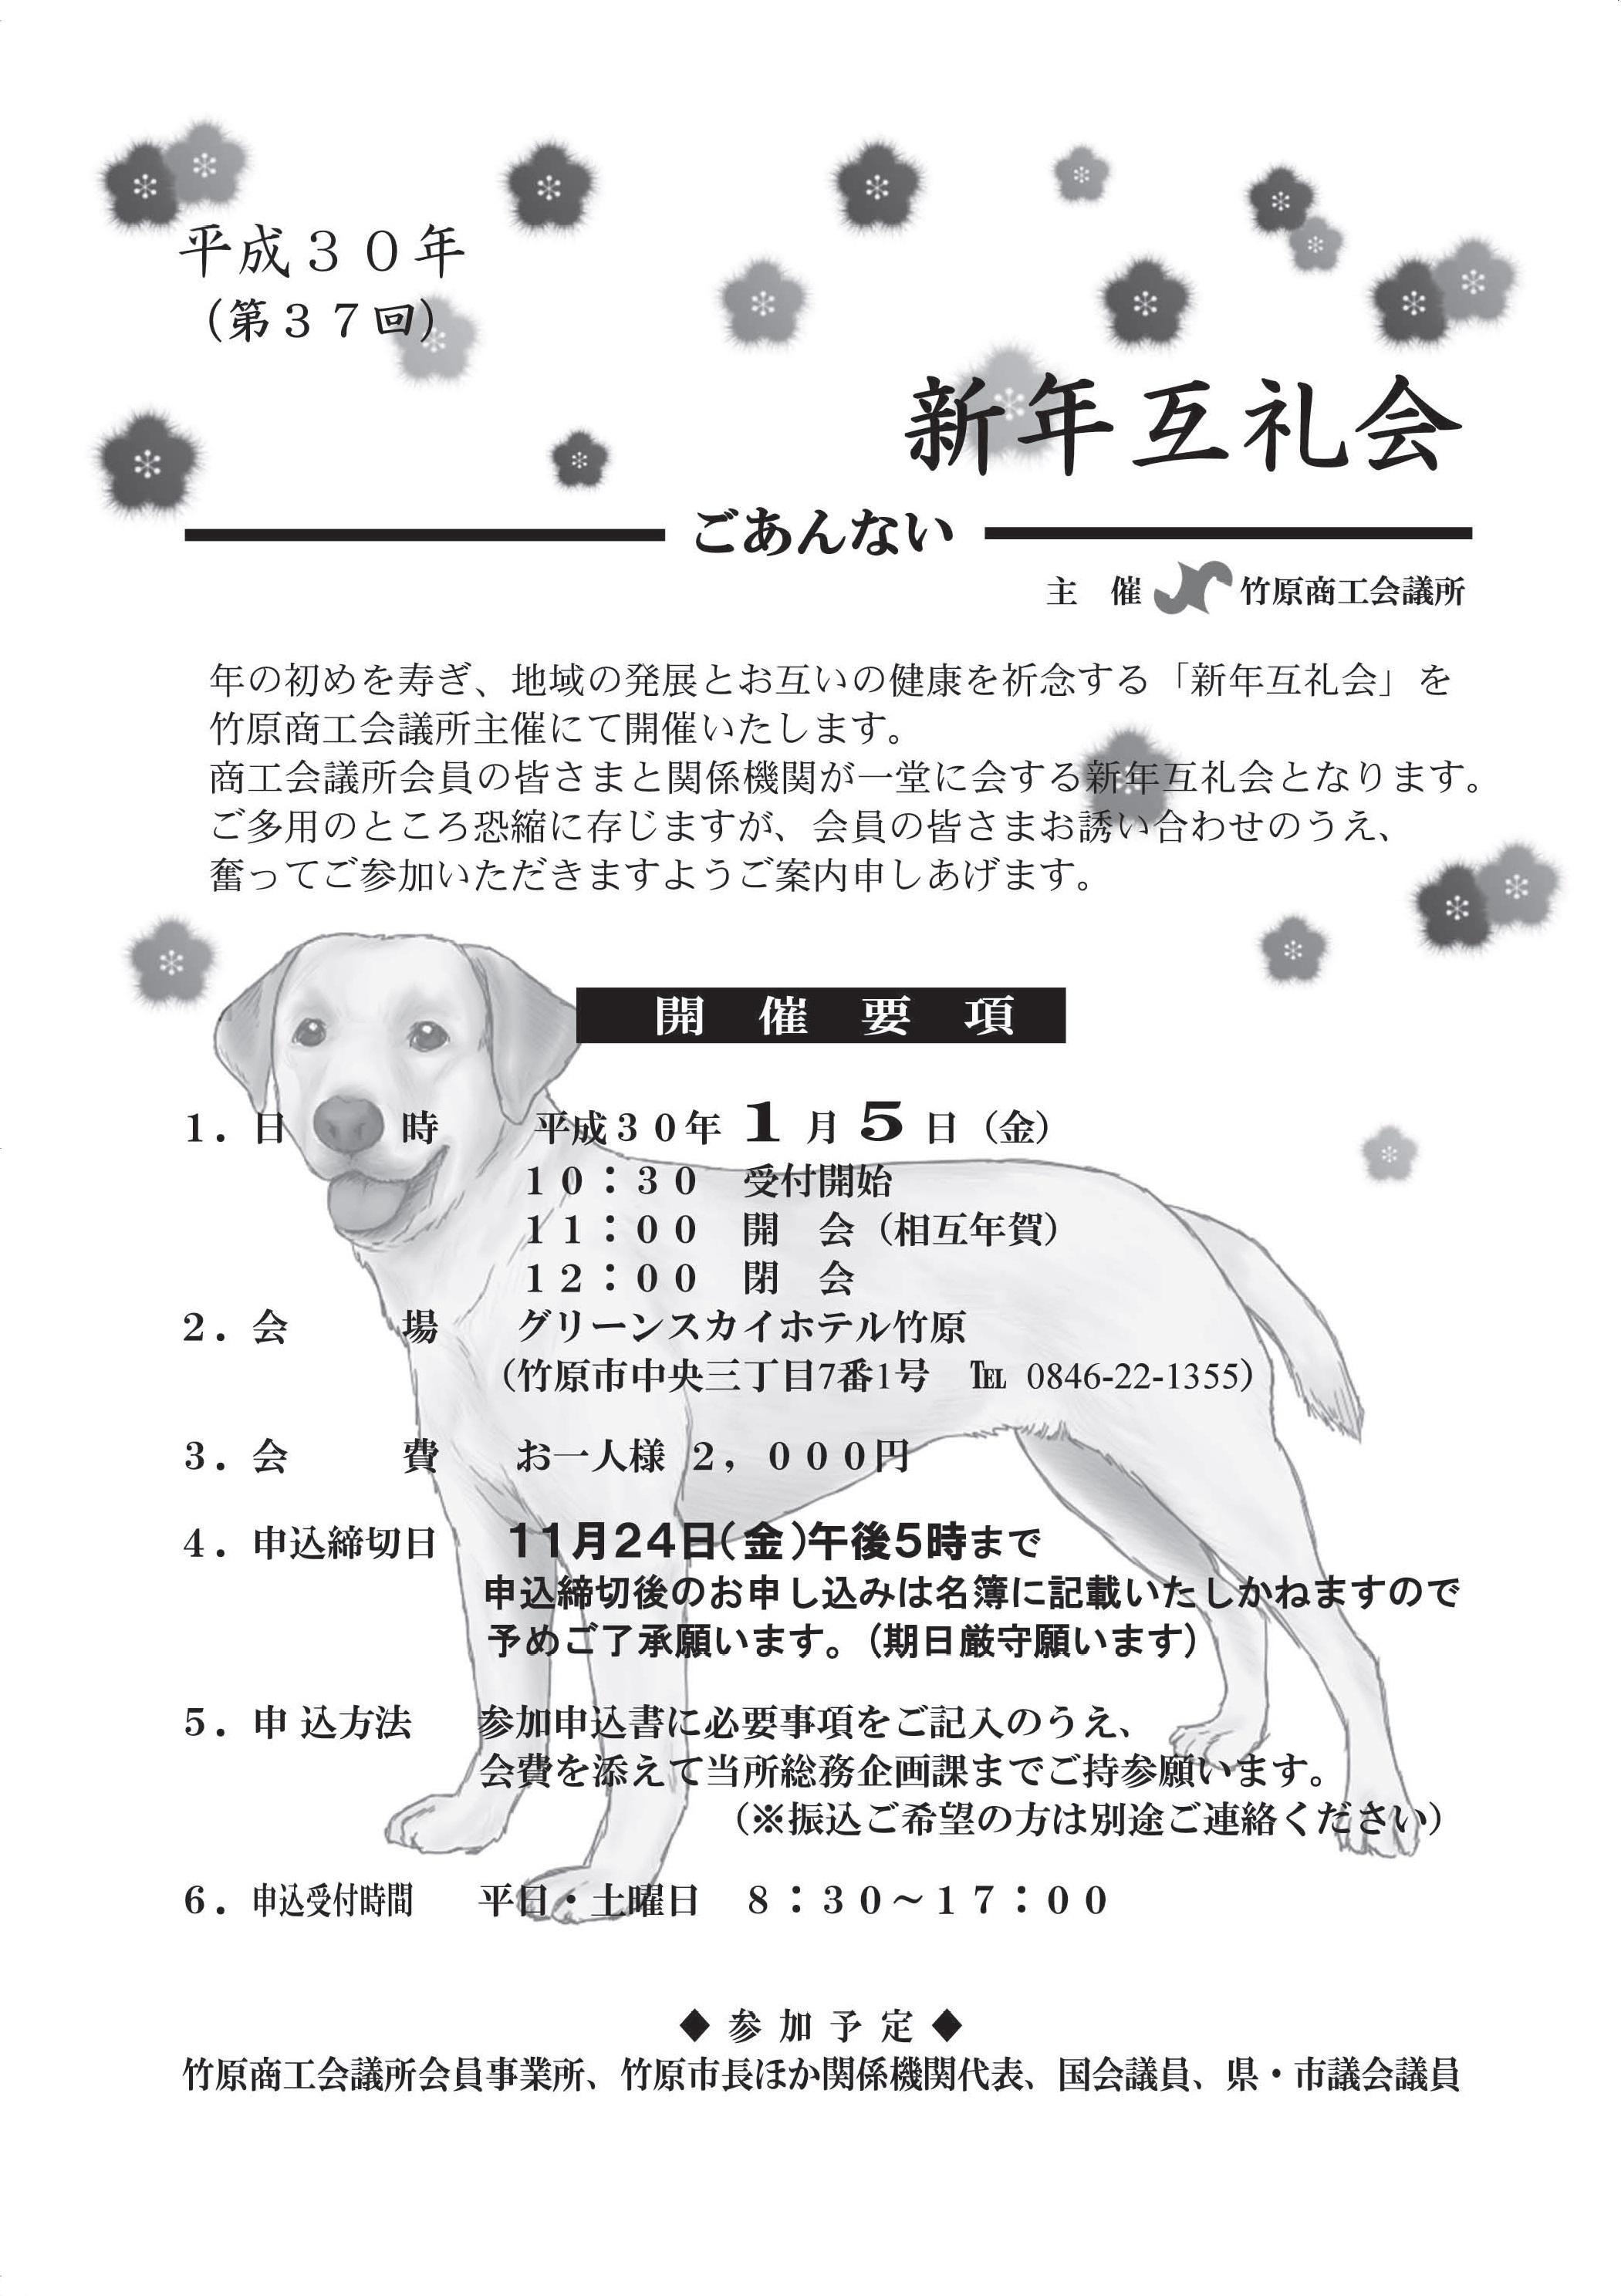 【1月5日開催】平成30年 新年互礼会のイメージ